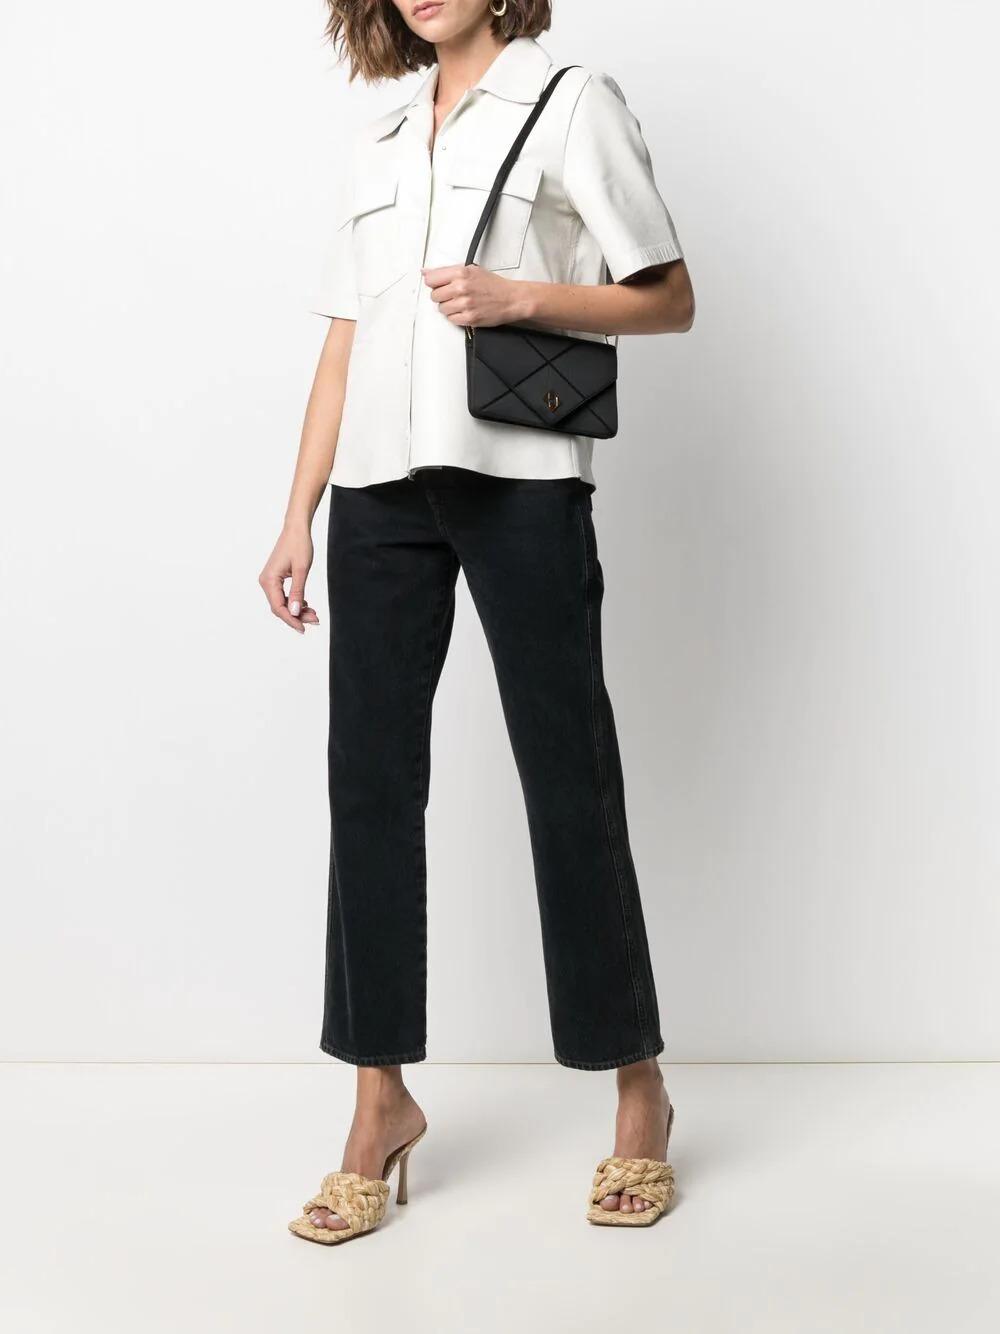 編織的菱格紋路配上 Hermès 的「H」金扣,喜欺簡約中帶設計感的絕對喜歡這款😍